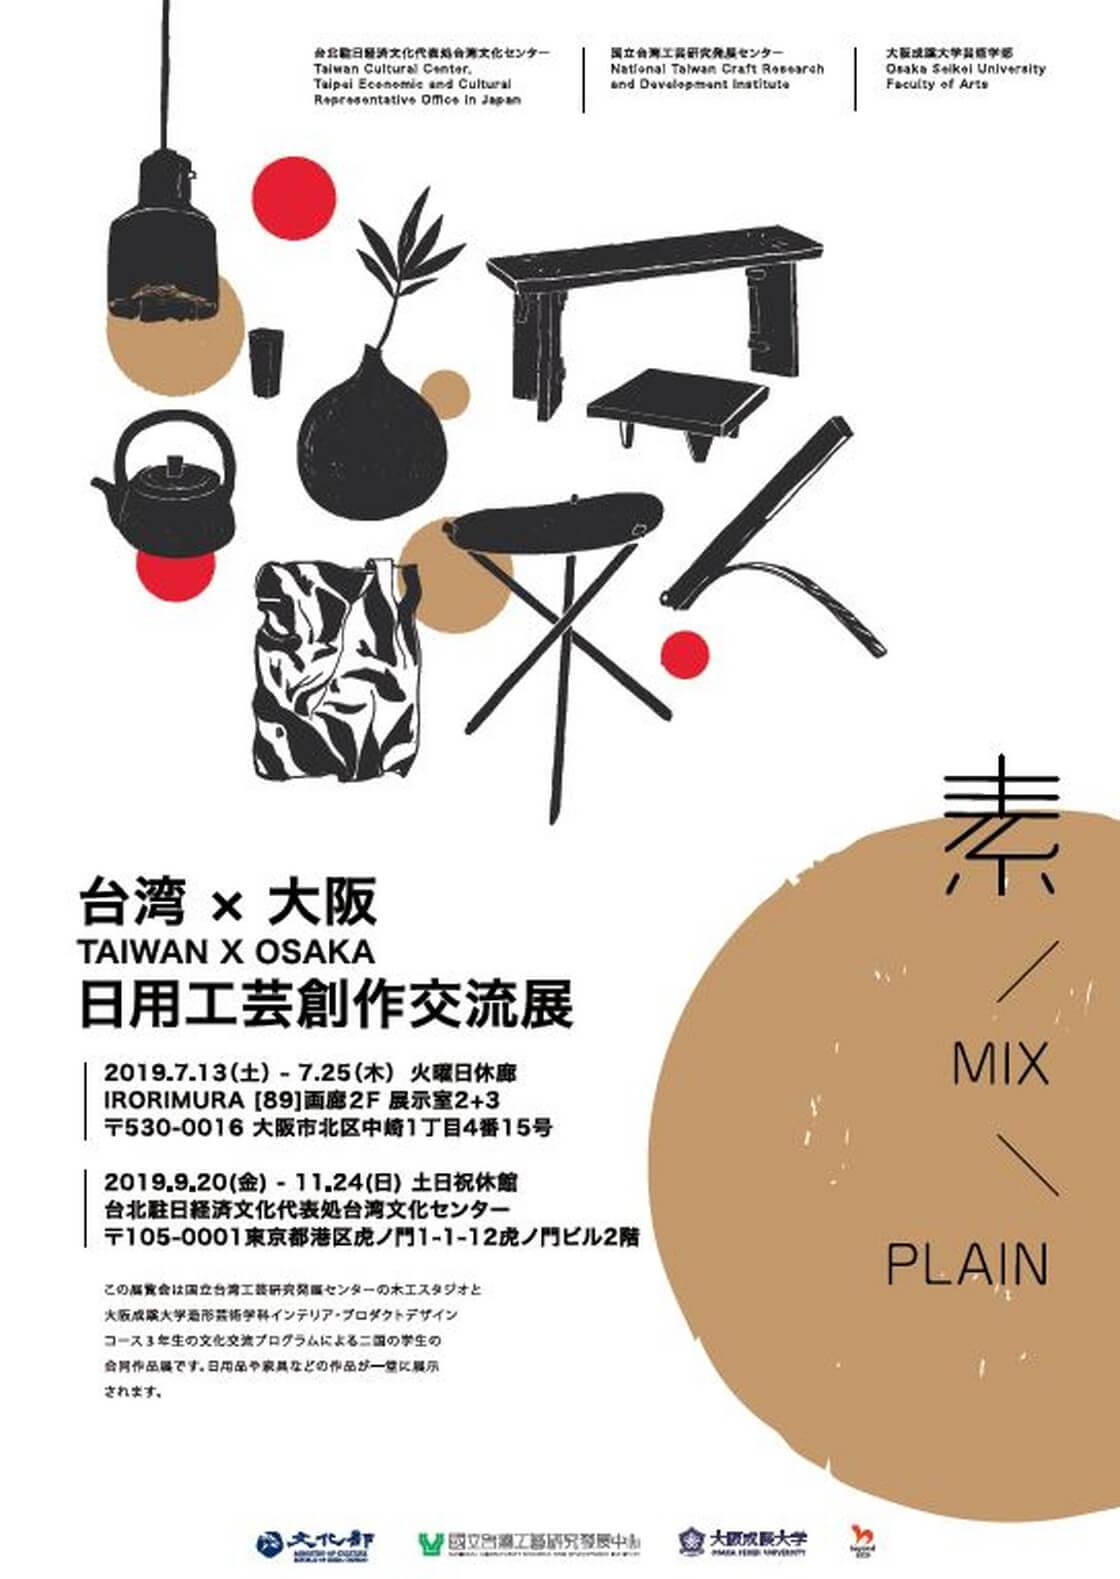 2019年 台日交流「日用工芸」作品展